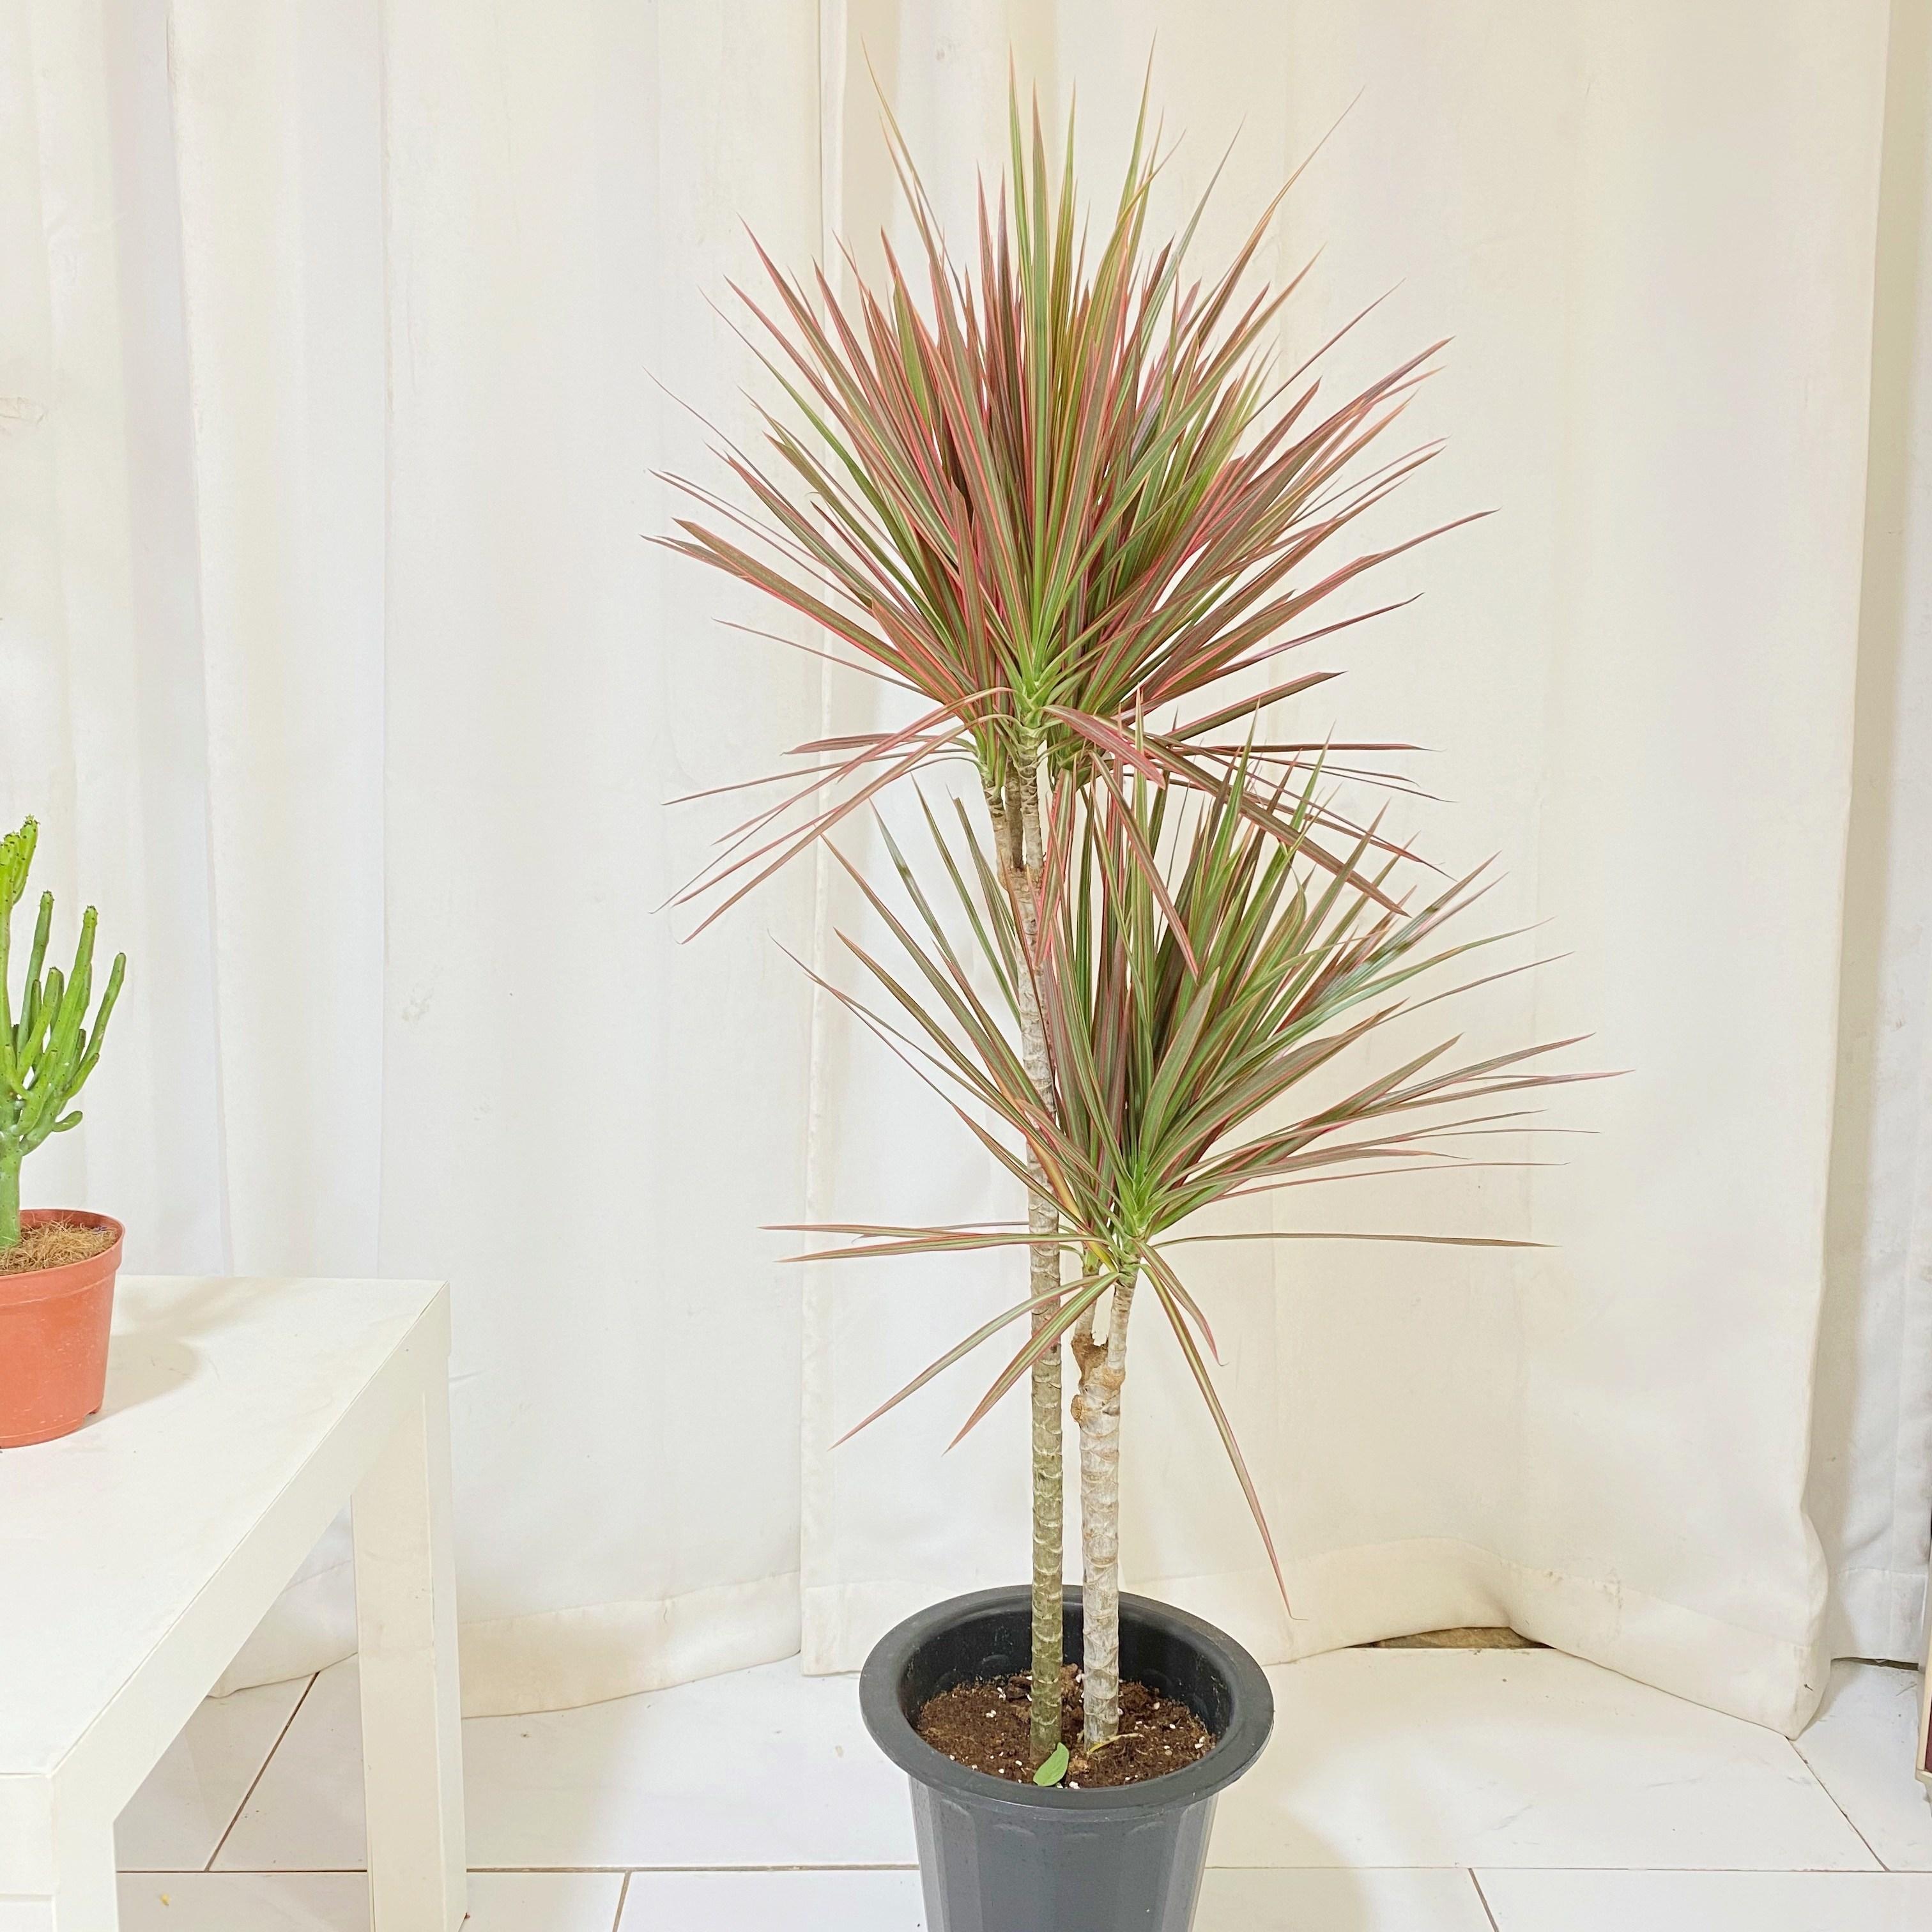 청년농부 레인보우 마지나타 나무 식물 중형식물 인테리어식물